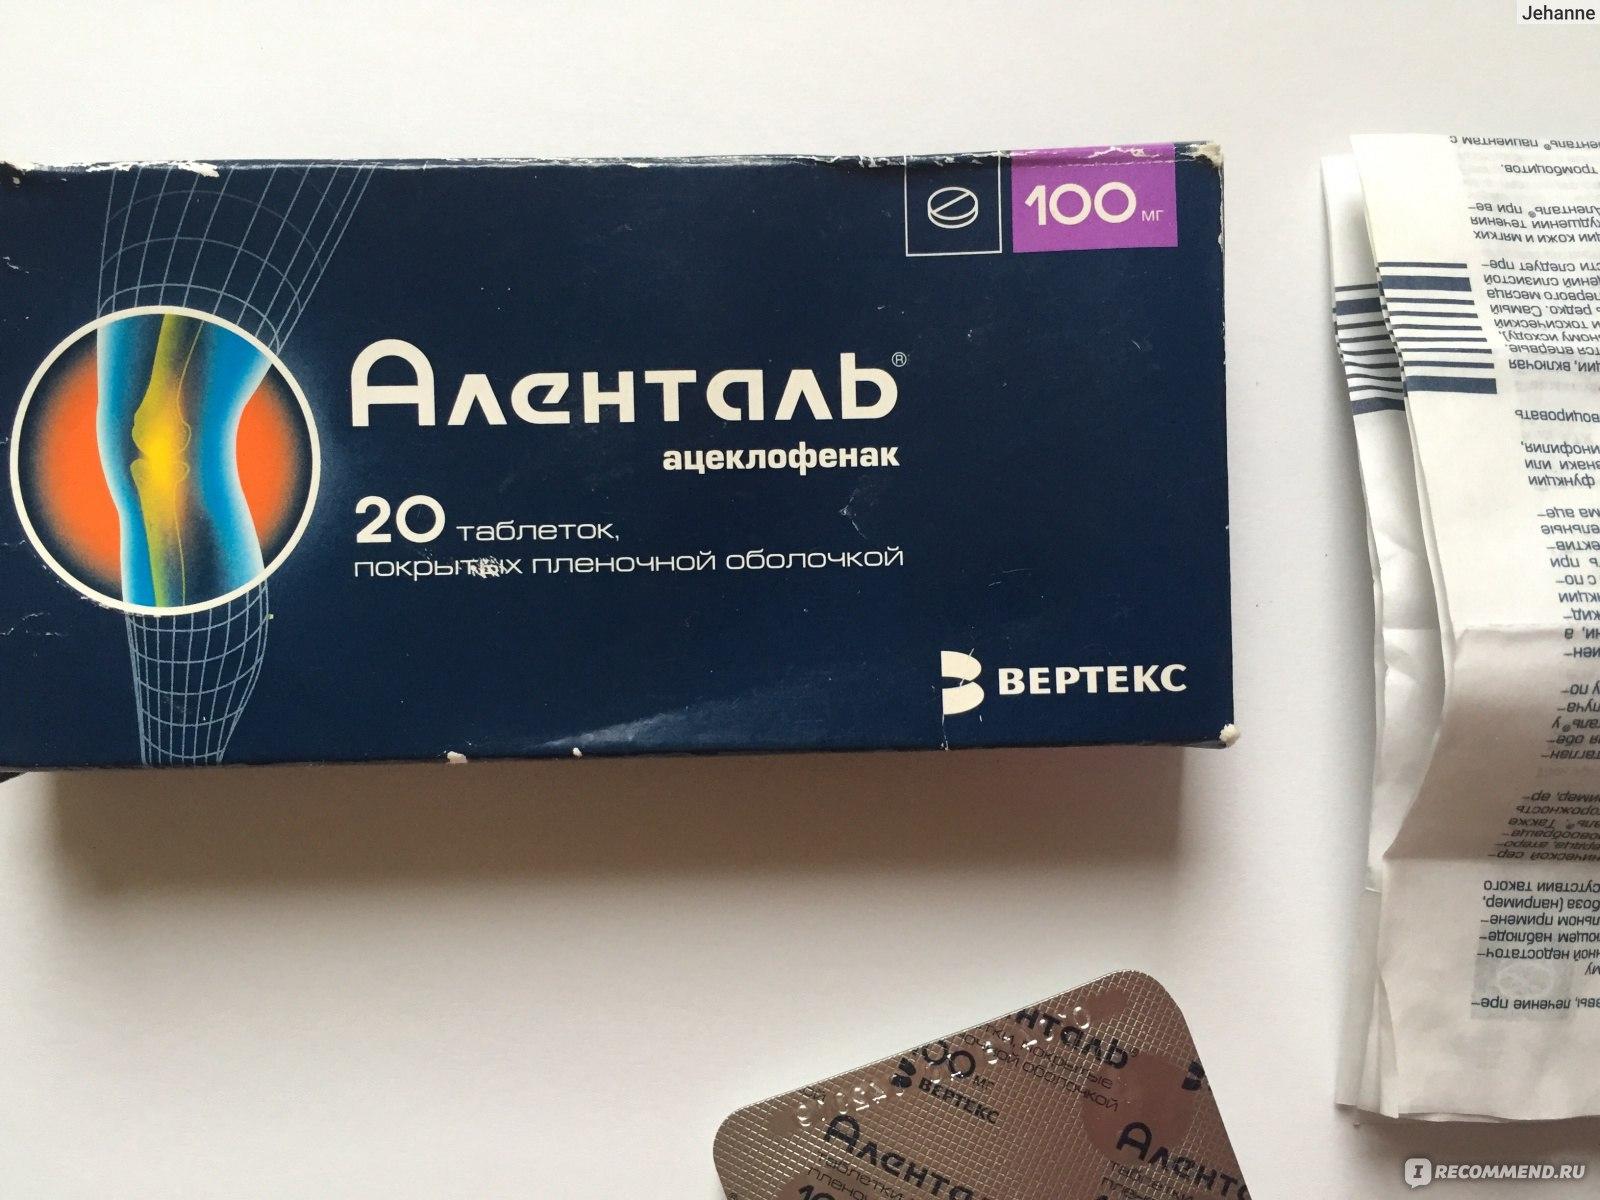 Аленталь, таблетки